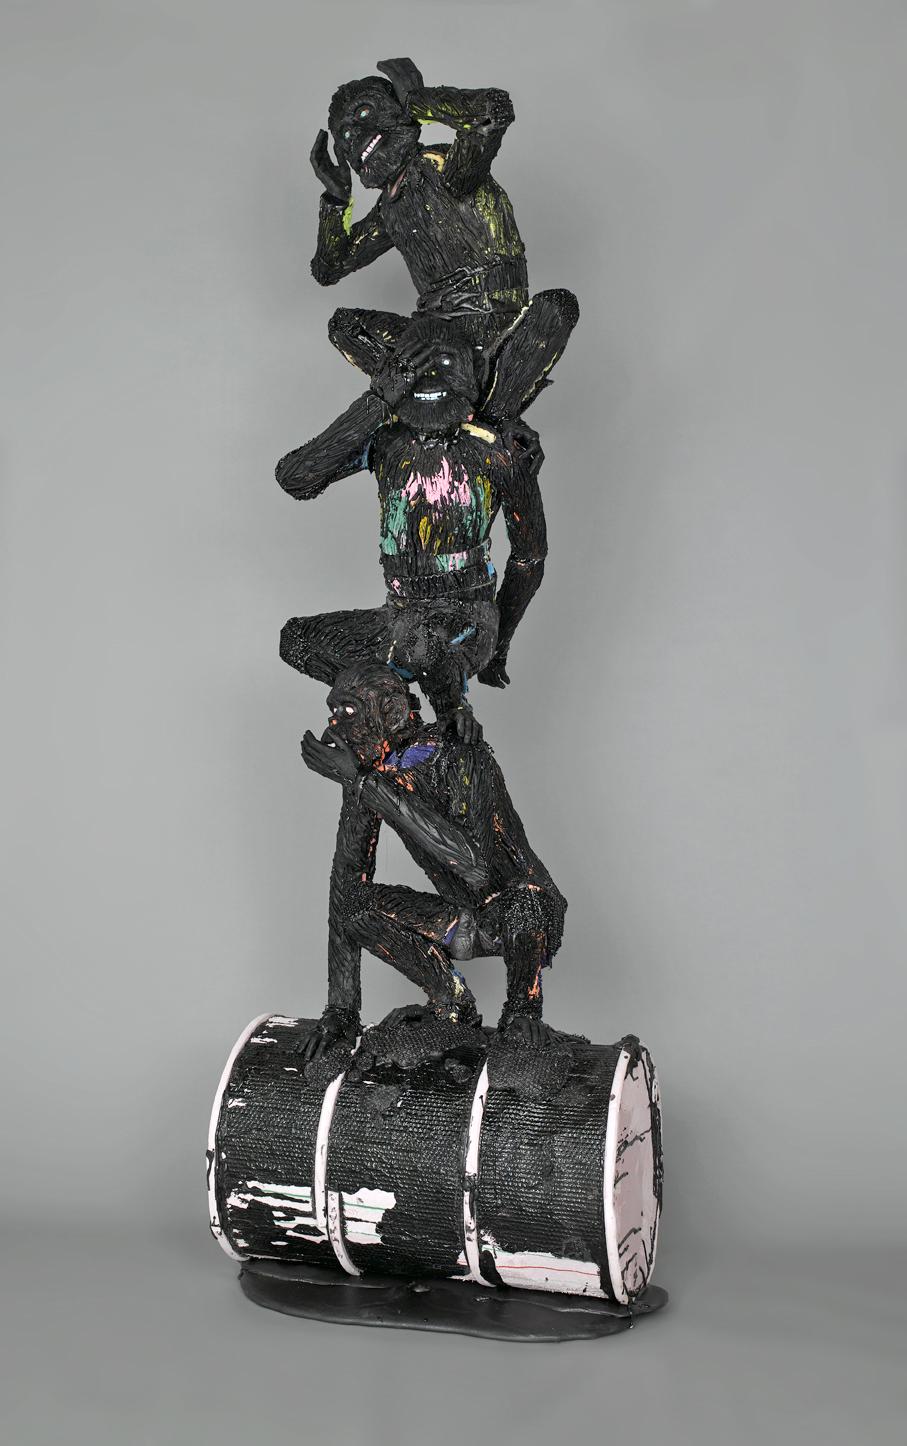 2008 Pigmented polyurethane, Styrofoam, Wood 118 x 39 x 39 in (300 x 100 x 100cm) - Marc Straus Gallery